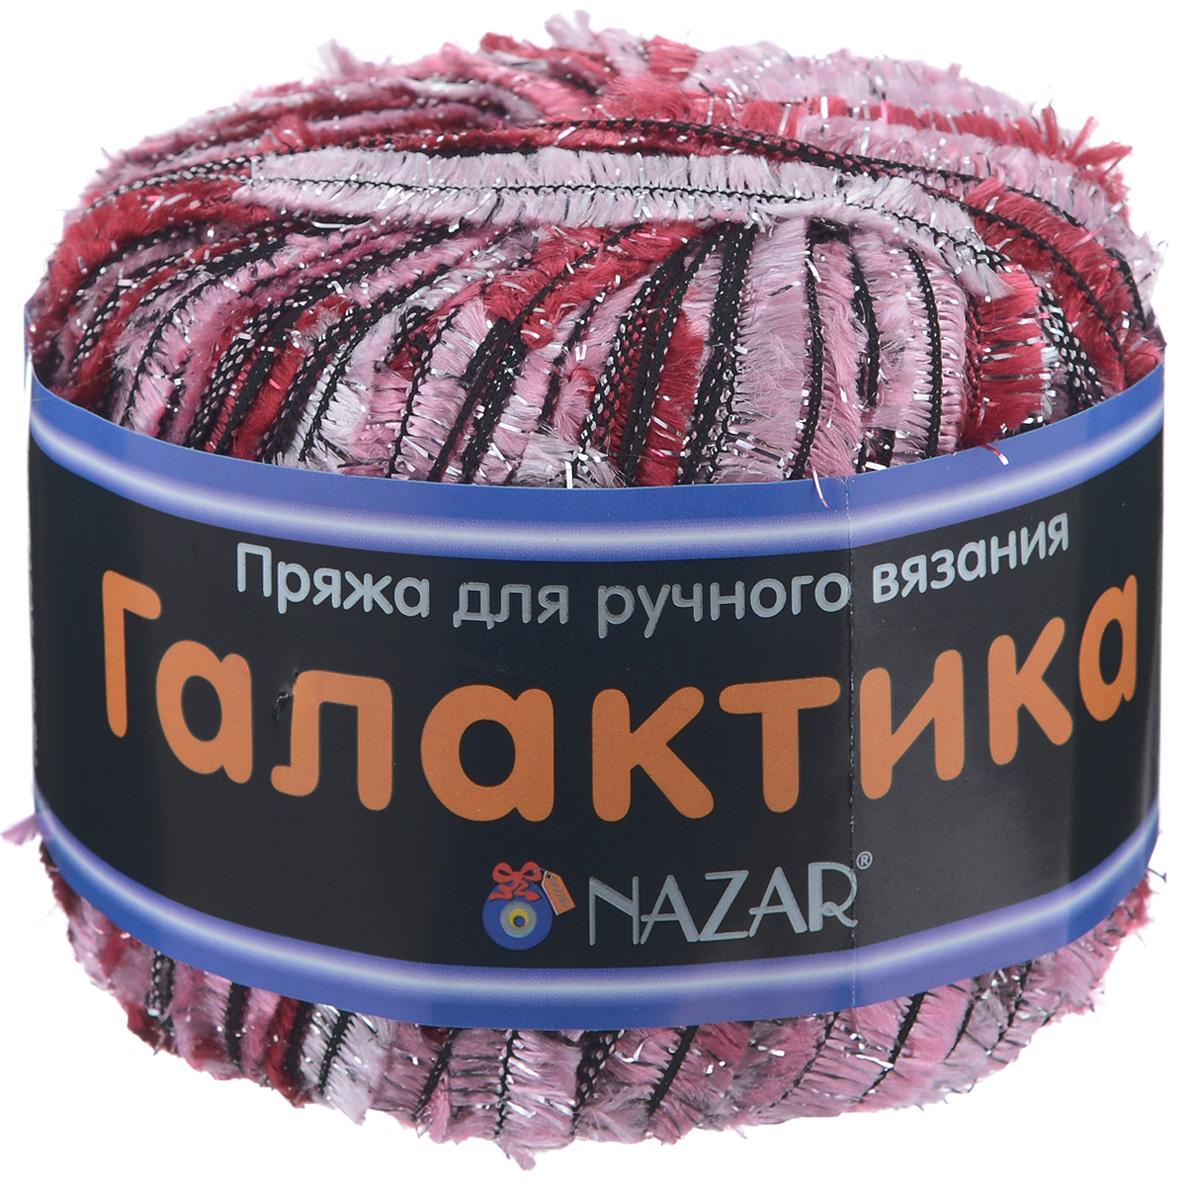 Пряжа для вязания Nazar Галактика, цвет: светло-розовый, малиновый (2116), 125 м, 50 г, 10 шт349007_2116Пряжа для вязания Nazar Галактика изготовлена из полиэстера с добавлением люрекса. Это очень популярная декоративная пряжа для ручного вязания. Из нее получаются модные и очень красивые палантины, роскошные пелерины и нарядные кофточки. Пряжа очень красивая, вяжется легко и быстро. Может использоваться как основная или отделочная пряжа. Если сложить 1 нить Галактики с 1-й нитью классической пряжи, подходящей по цвету и фактуре, вы можете создать свое неповторимое полотно. Для вязания рекомендуется крючок №5-8 и спицы №5-6. Состав: 80% полиэстер, 20% люрекс. Ширина нити: 10 мм. Комплектация: 10 шт.